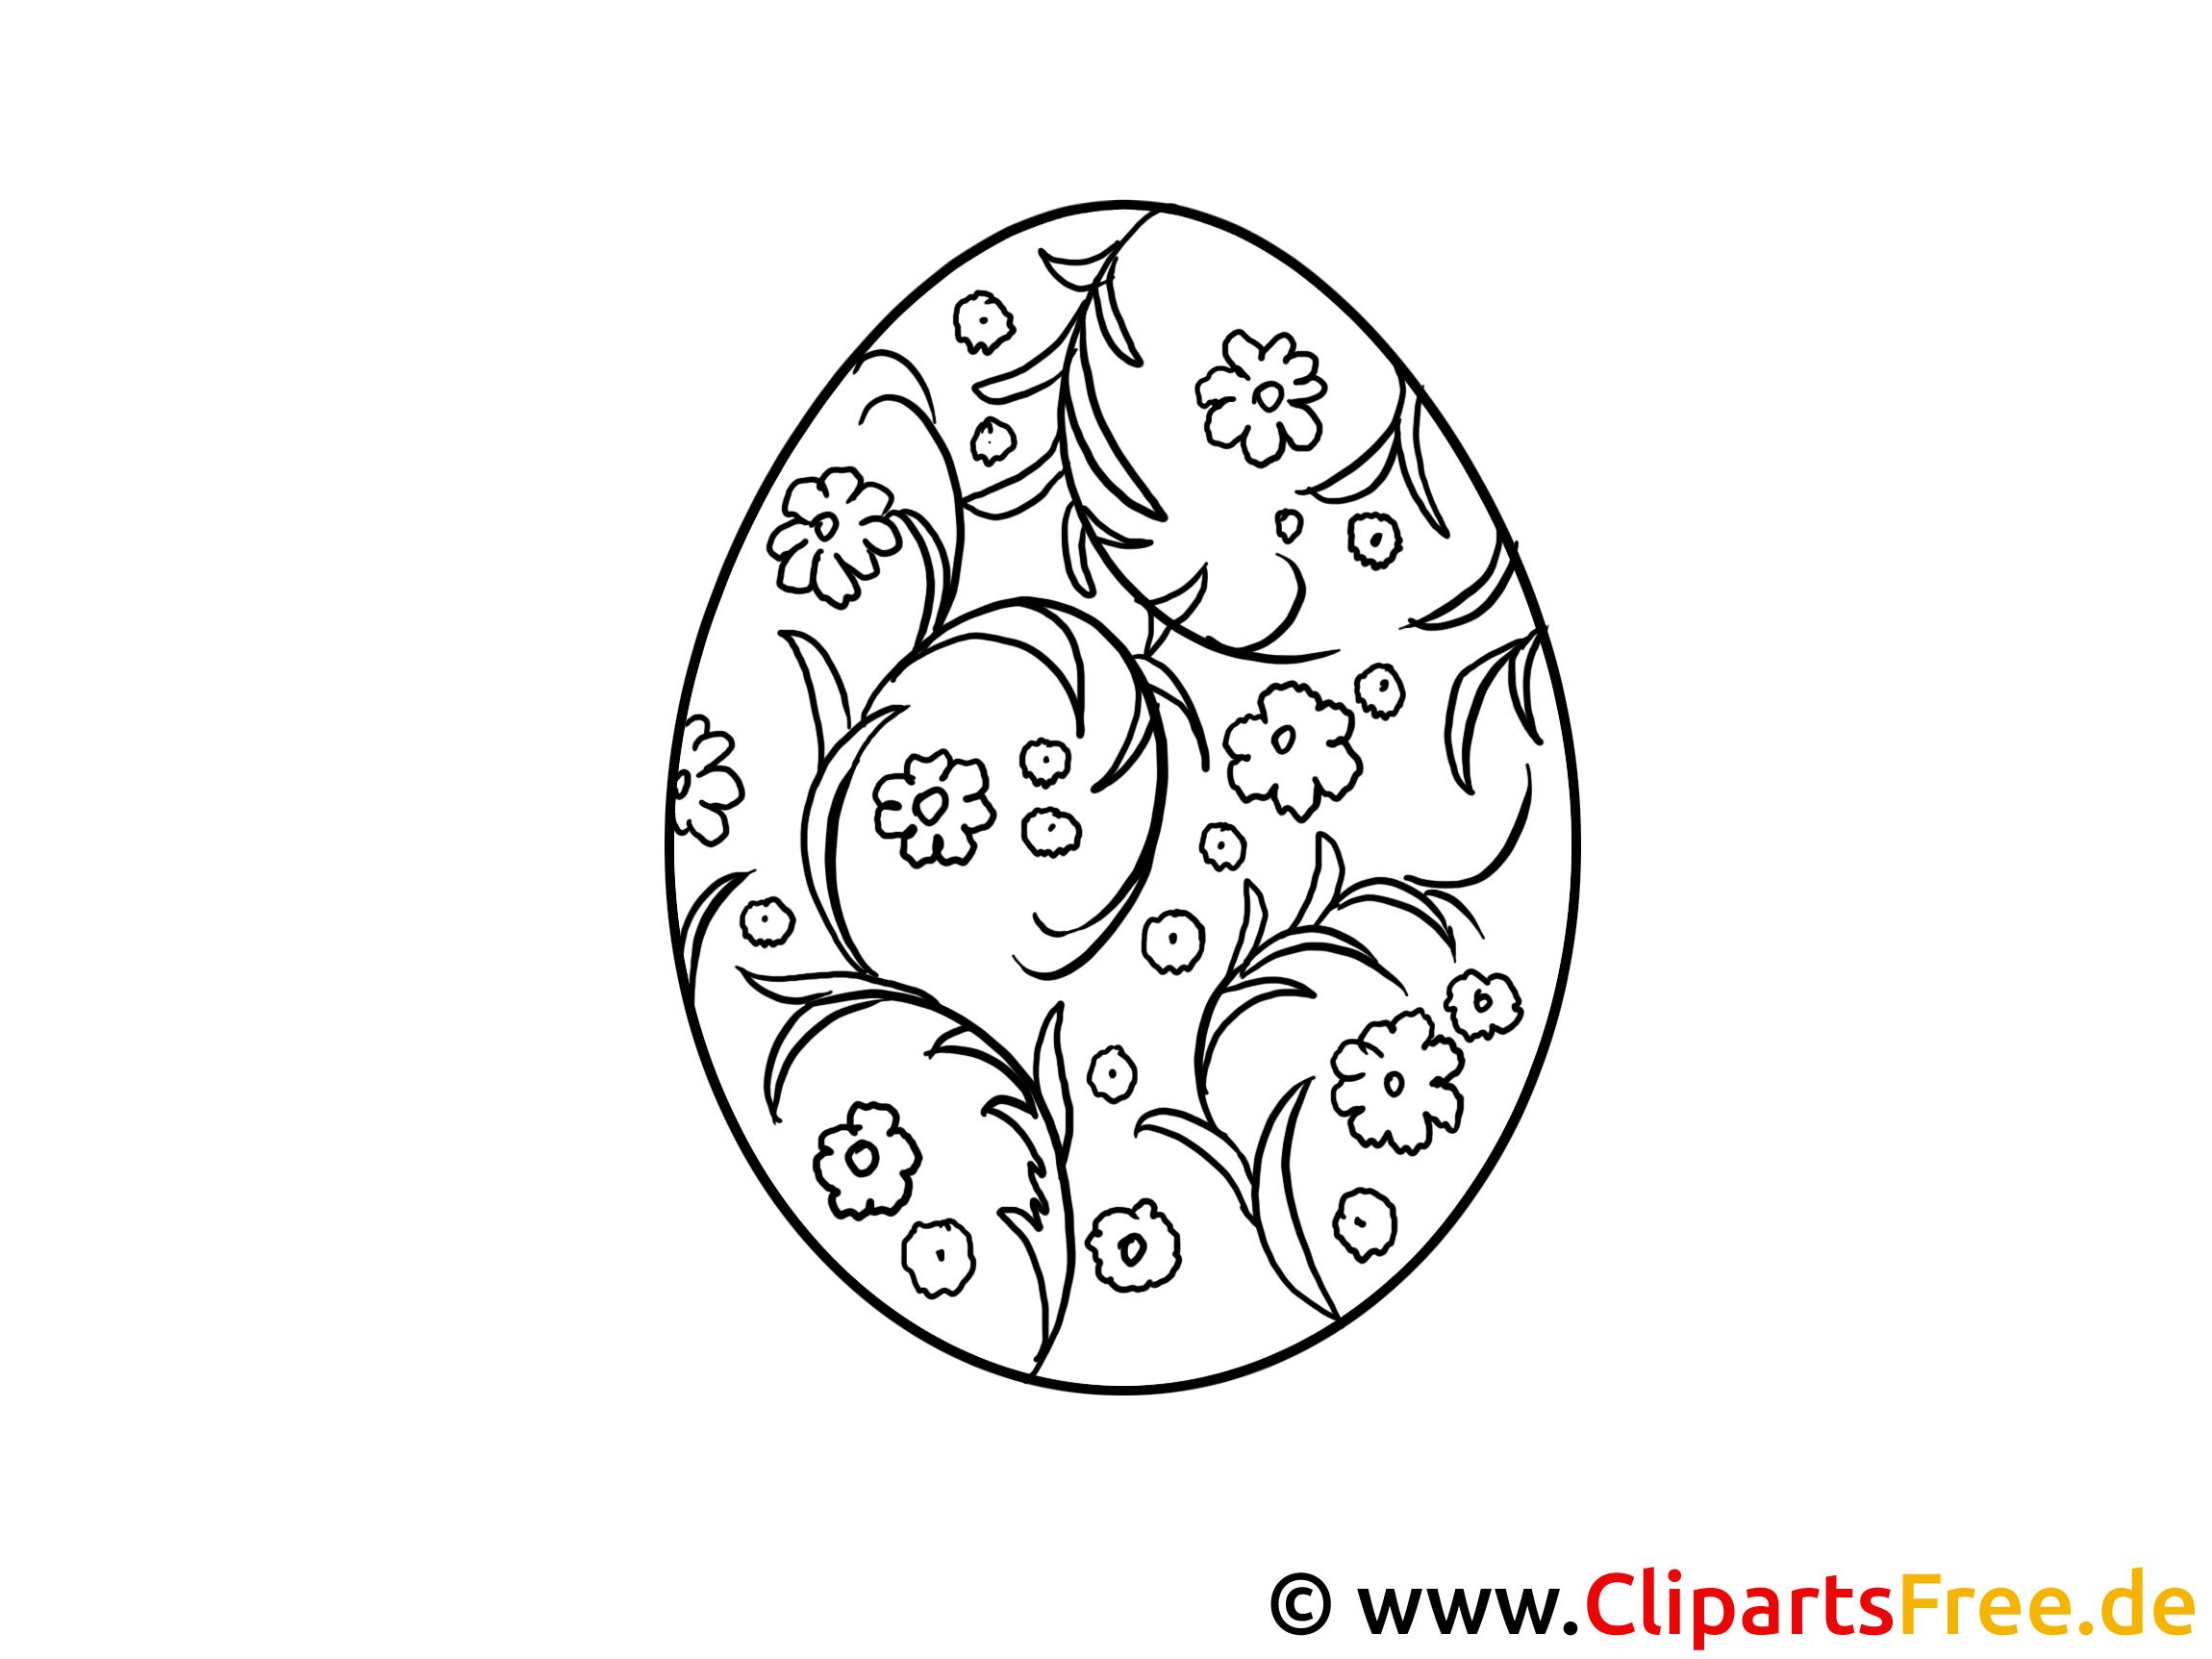 Malbilder zum Ausdrucken zu Ostern